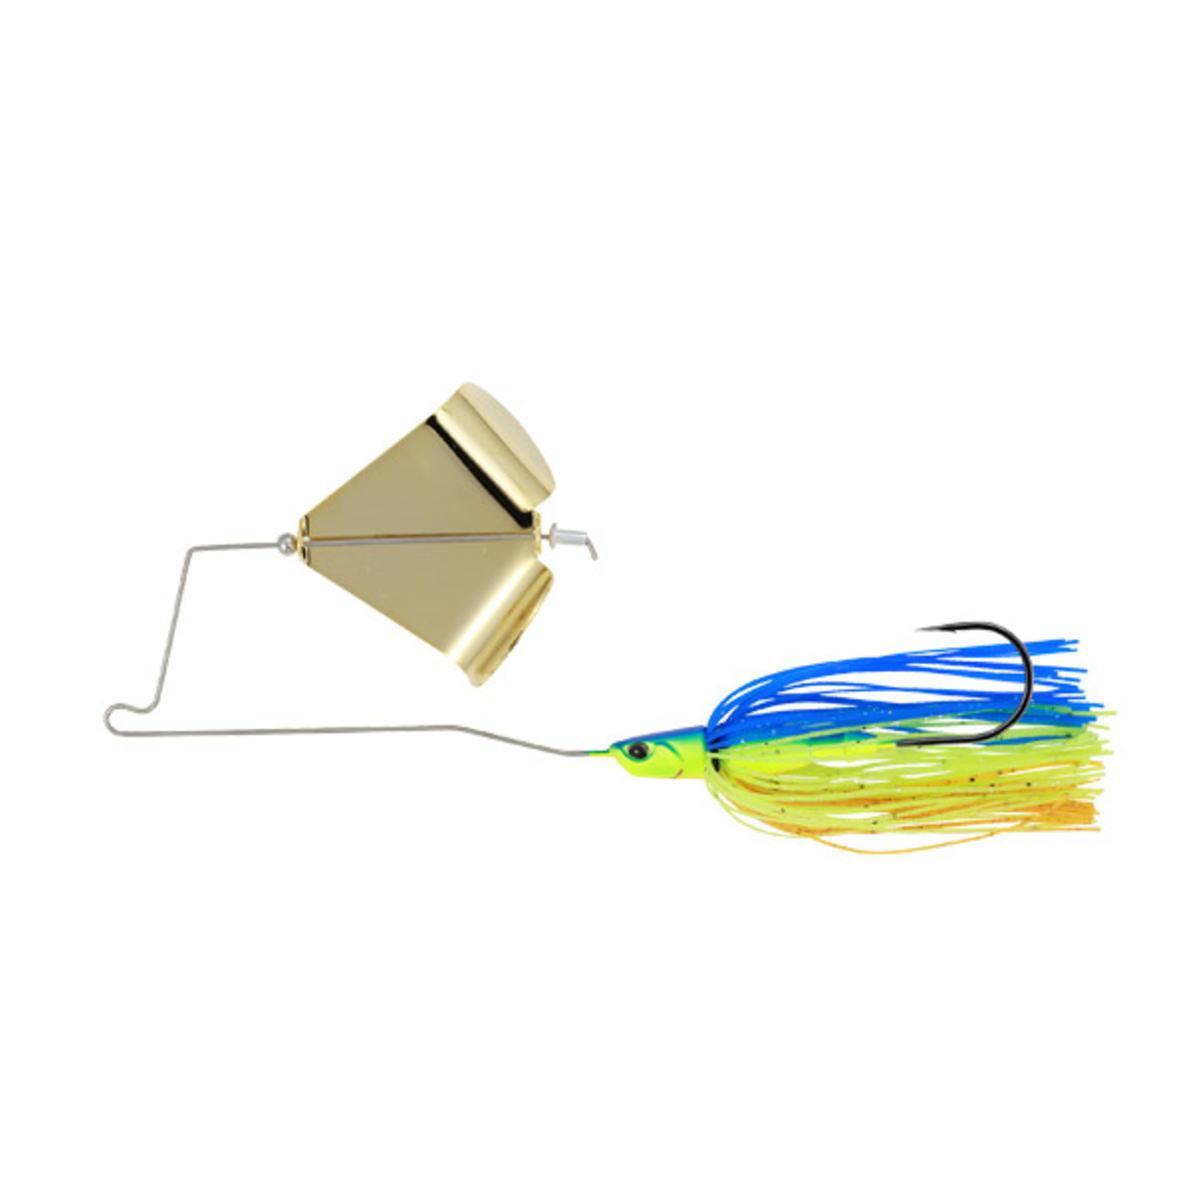 【毎月1日はアングルデー】【メール便送料無料】DUO(デュオ)レアリスエムラインバズベイト1/2ozJ018ブルーバックチャート【代引は送料別途】